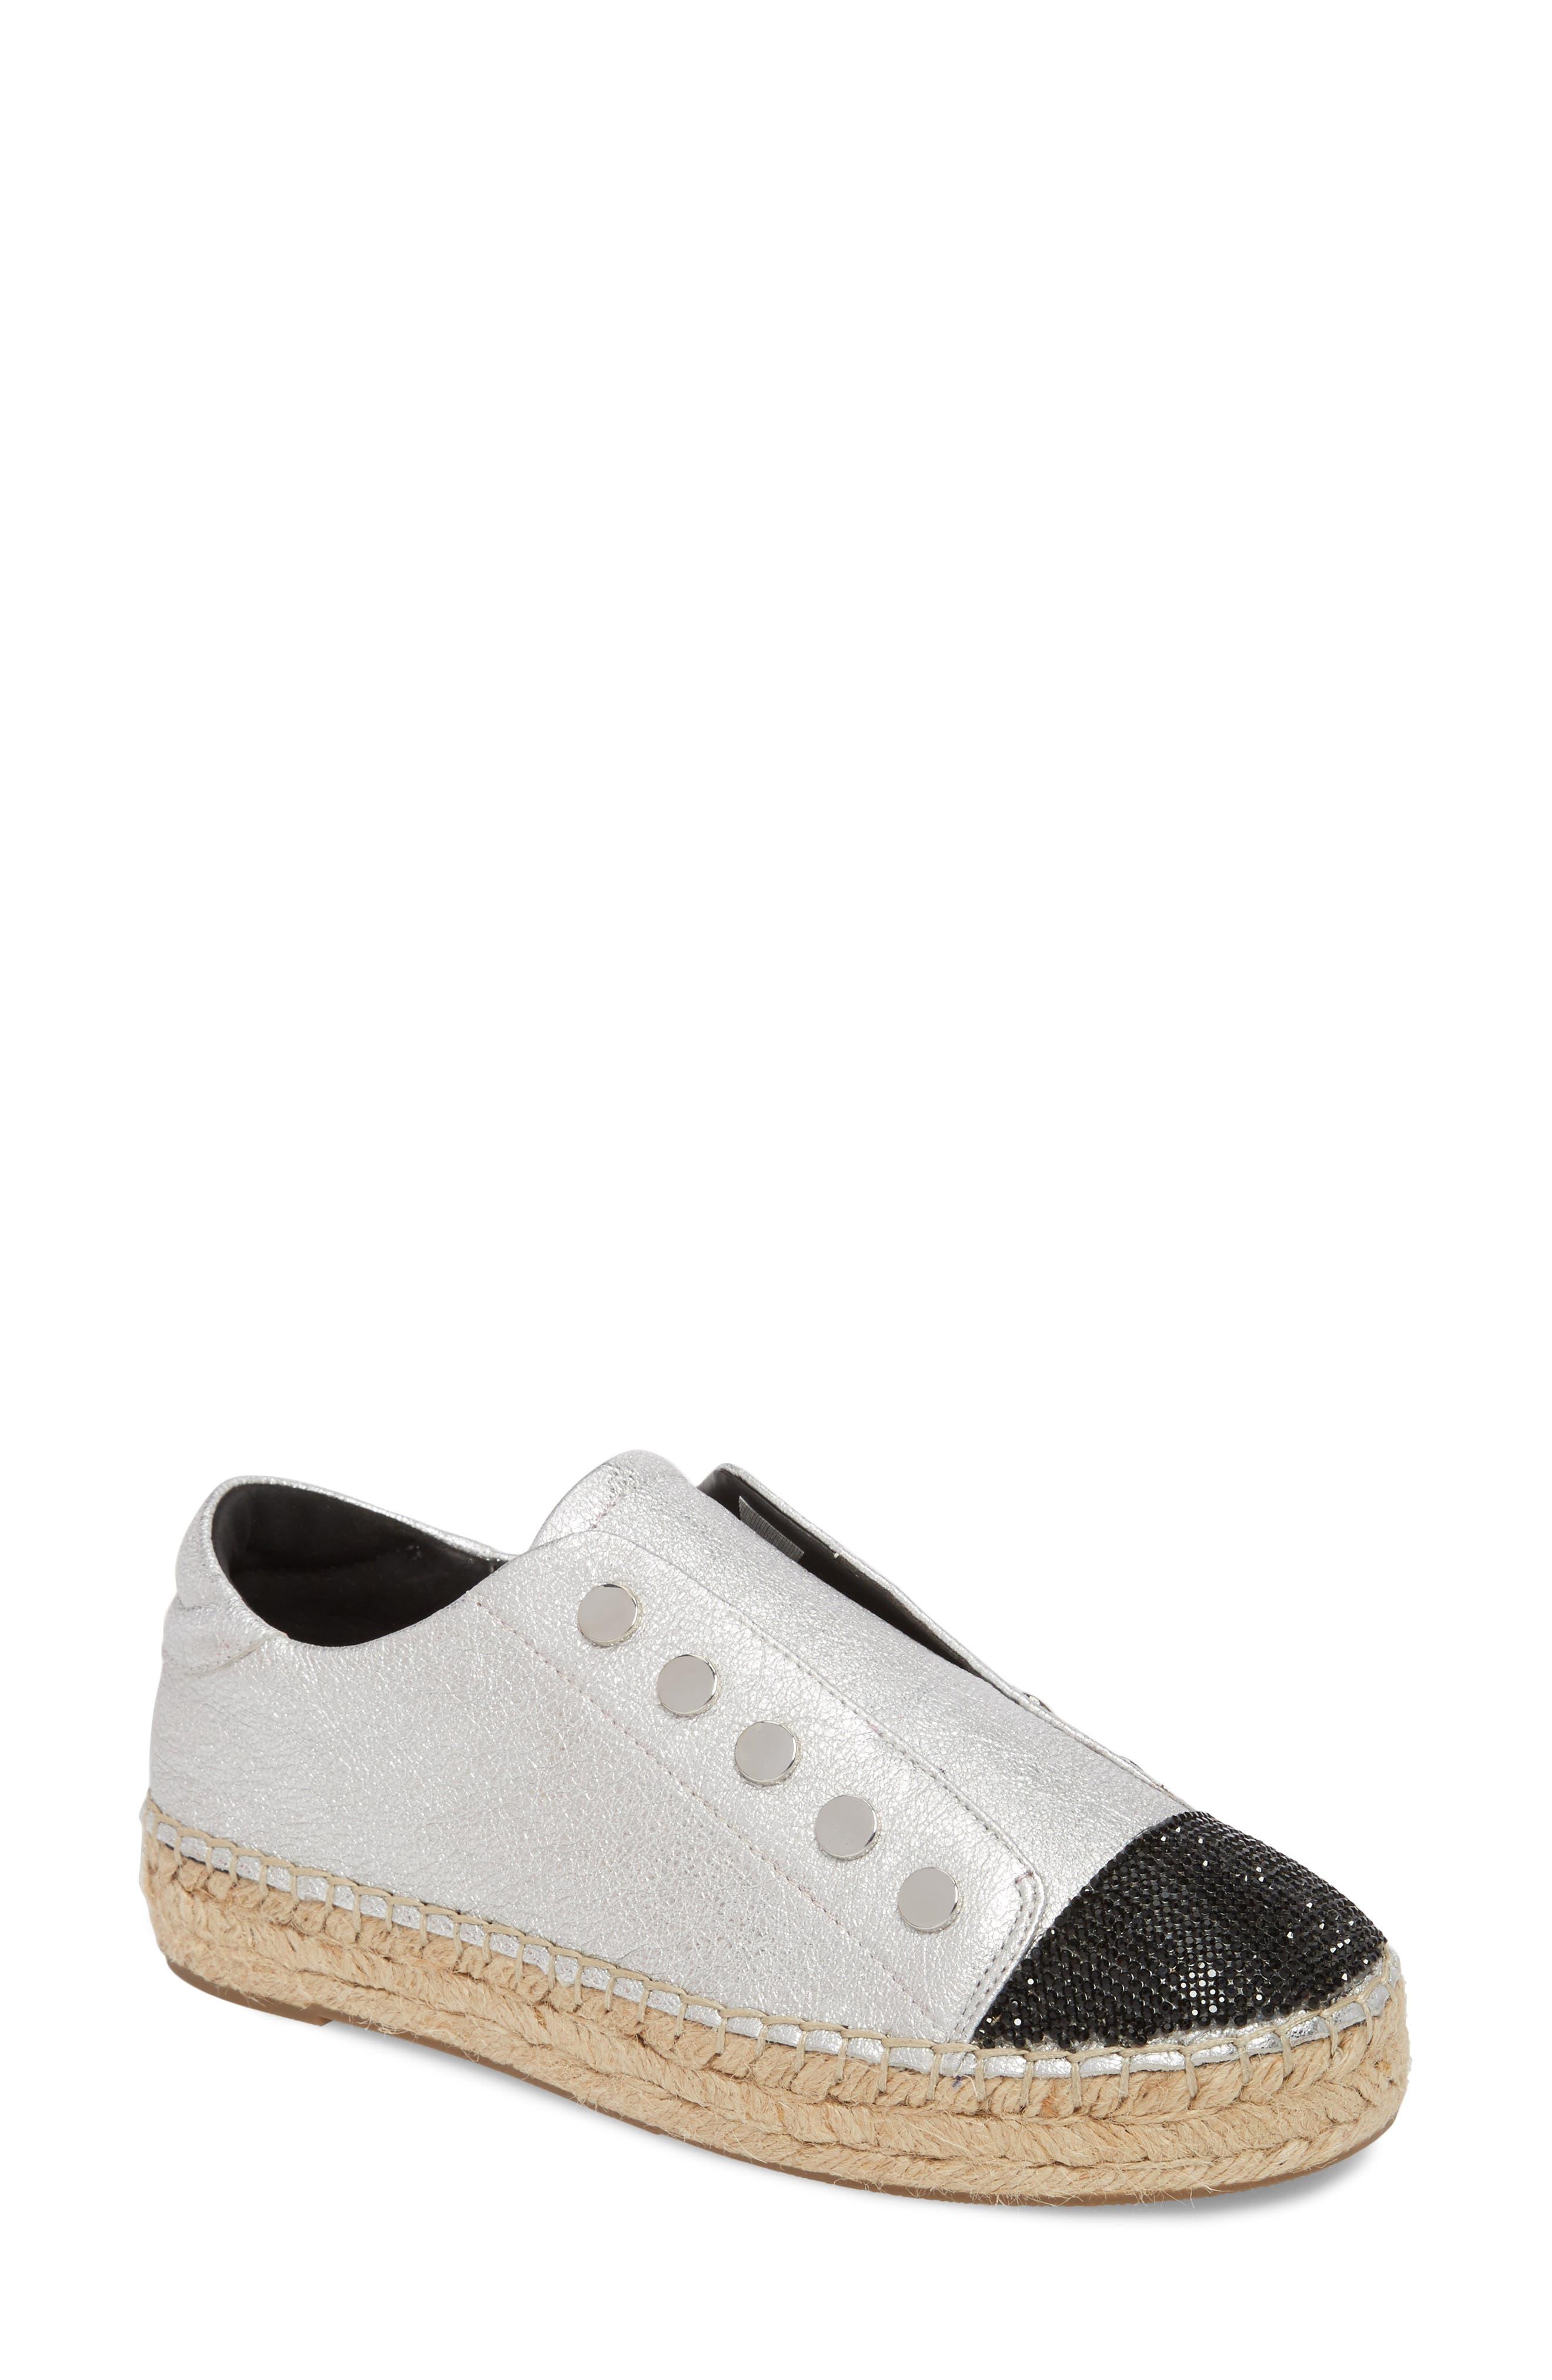 KENDALL + KYLIE Juniper Espadrille Sneaker (Women)